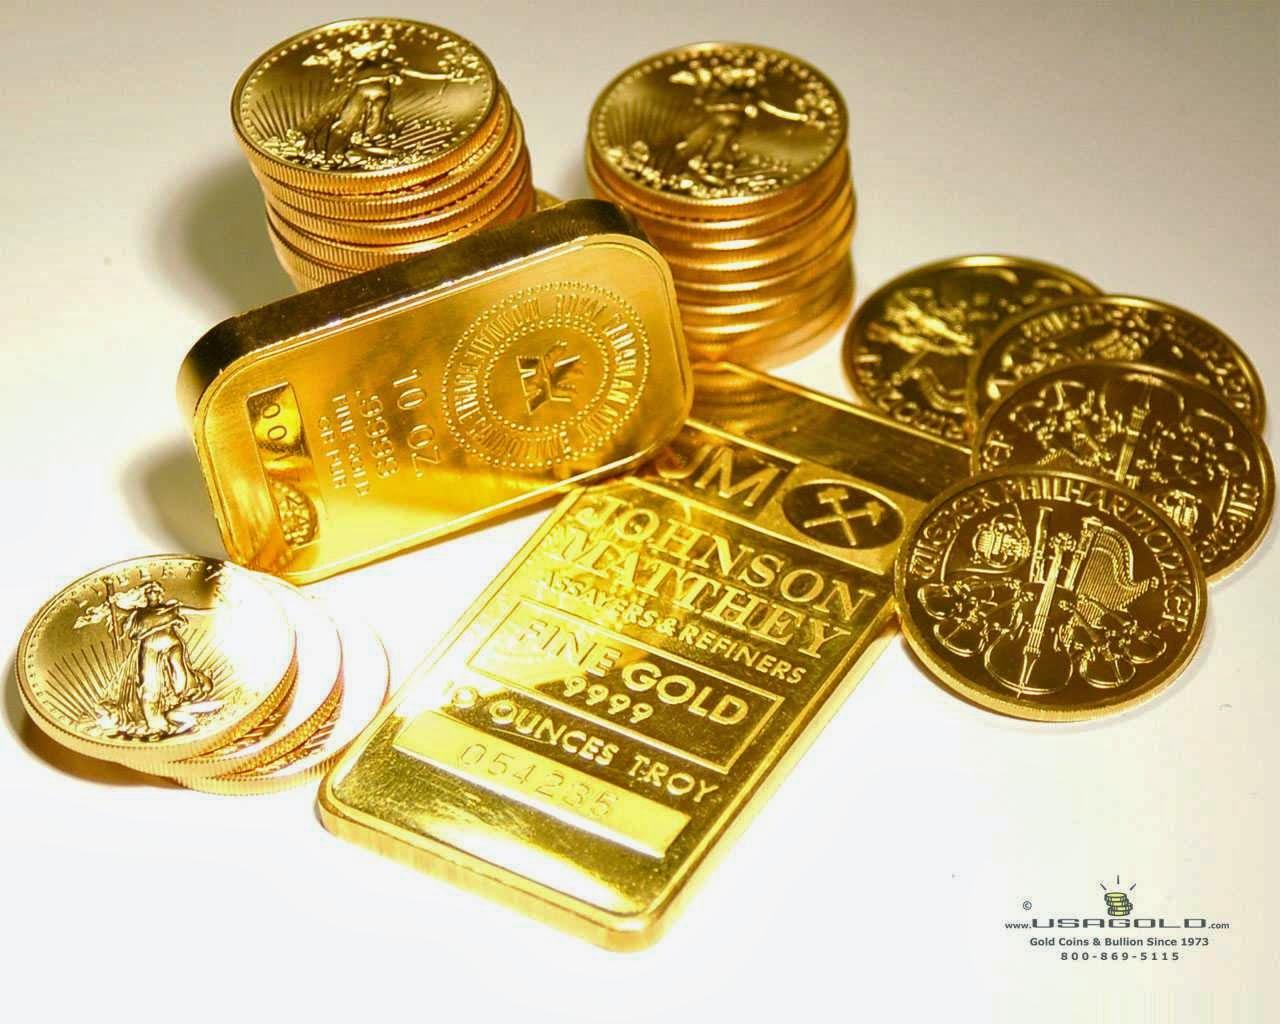 اسعار الذهب في مصر اليوم الخميس 27-3-2014 , سعر جرام الذهب 27 مارس